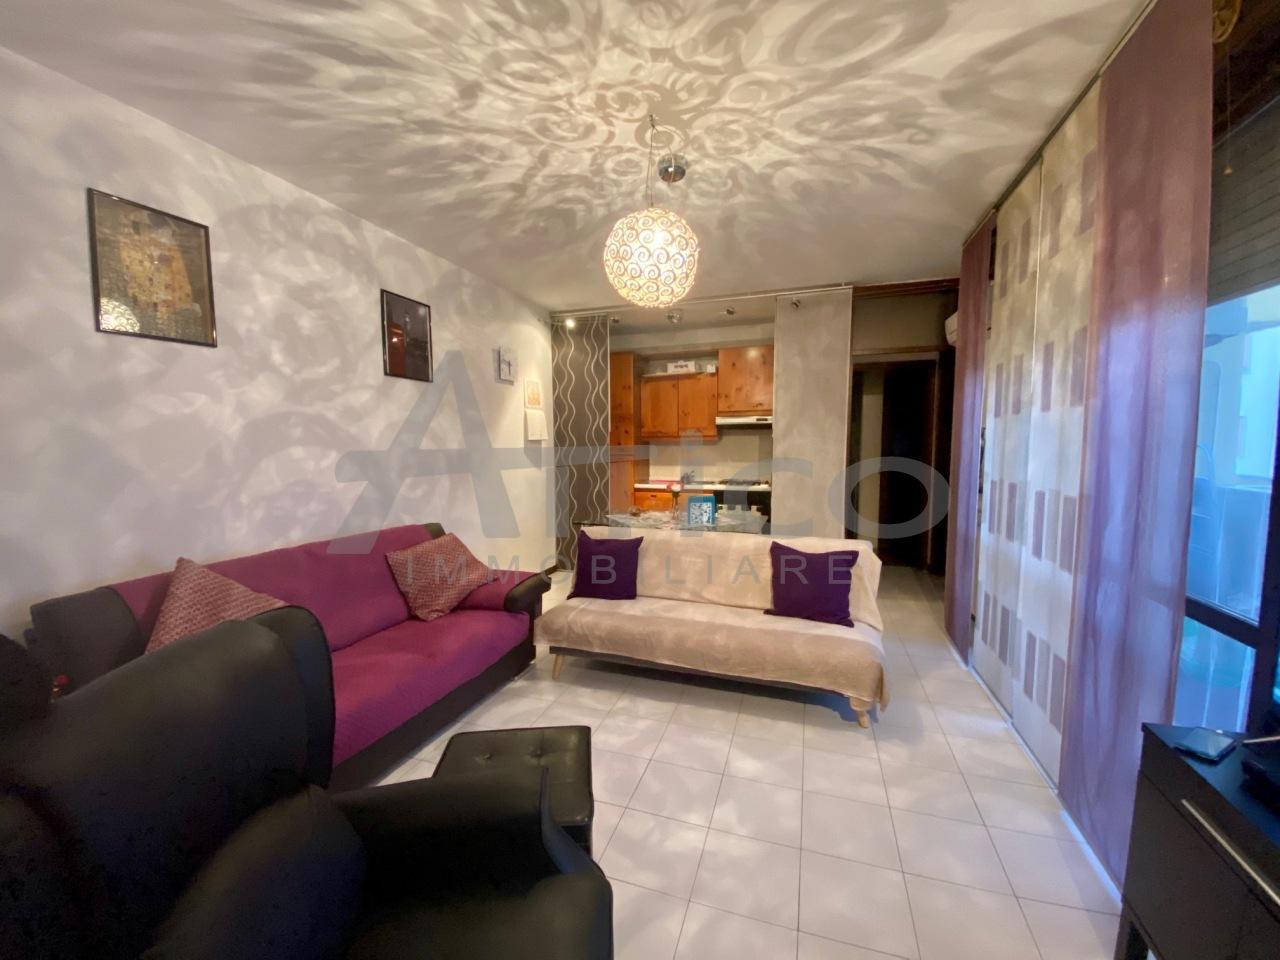 Appartamento in vendita a Rovigo, 2 locali, prezzo € 57.000 | PortaleAgenzieImmobiliari.it